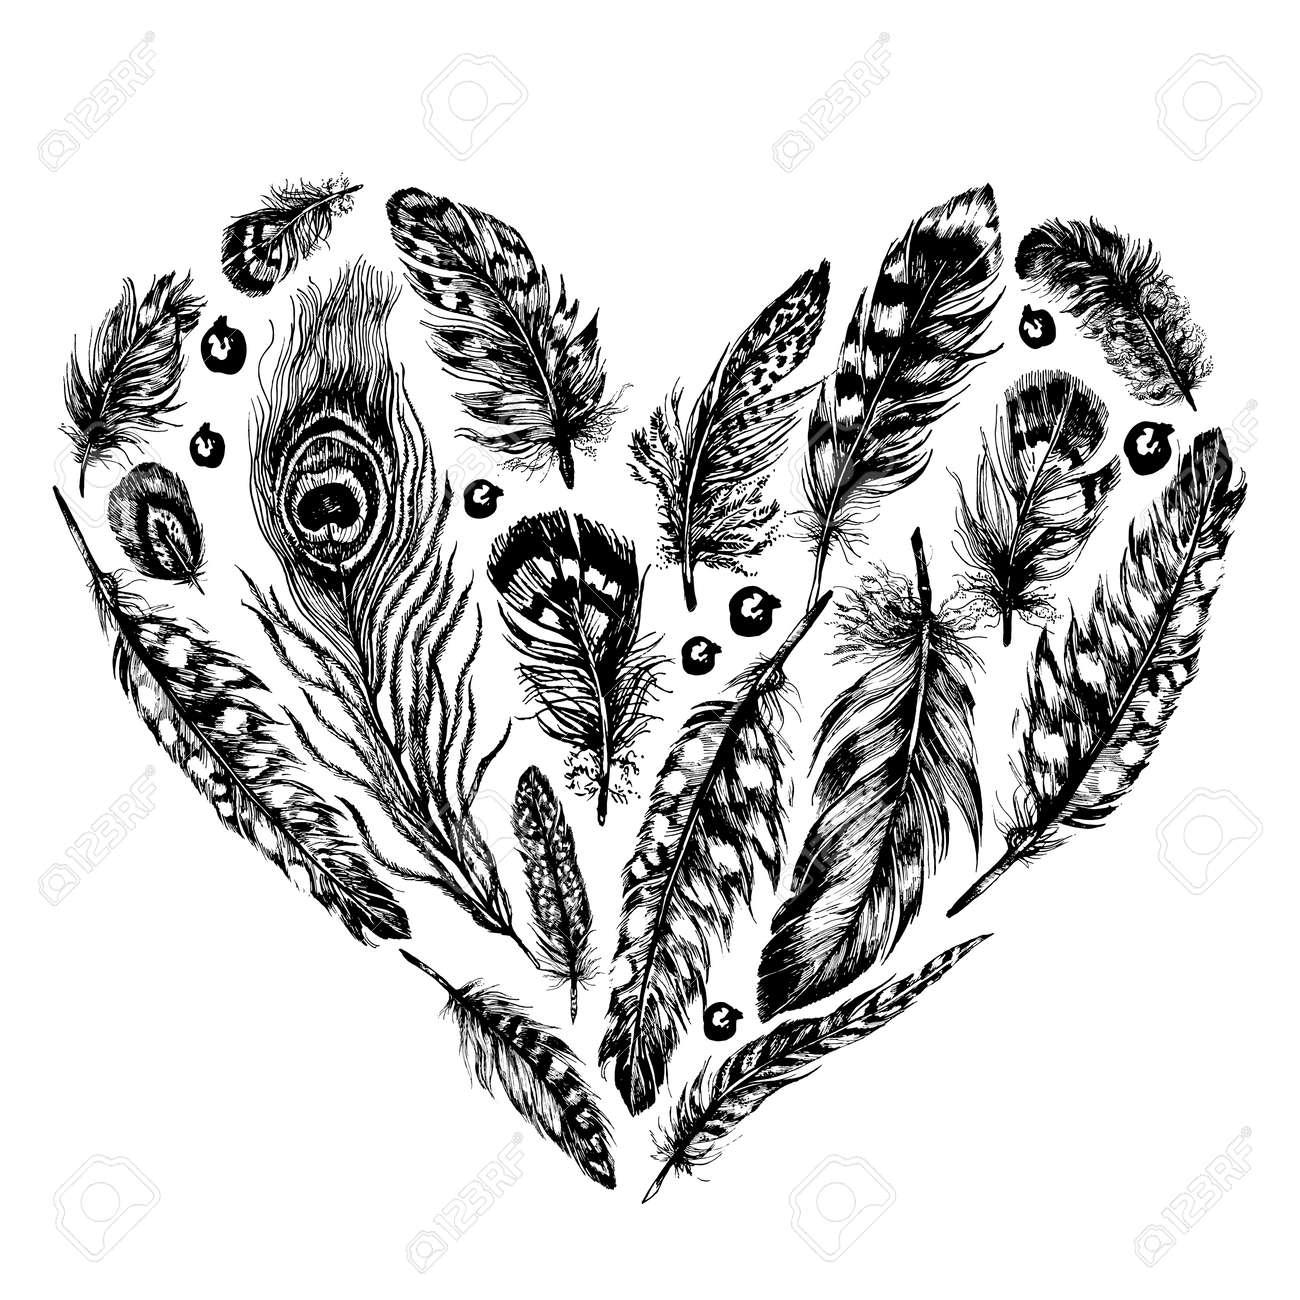 Léments Vectoriels De Conception Rustique à Dessin Encre Dessinée Coeur En Plumes Et Perles à La Mode Du Style Bohème Ensemble Rustique Vintage